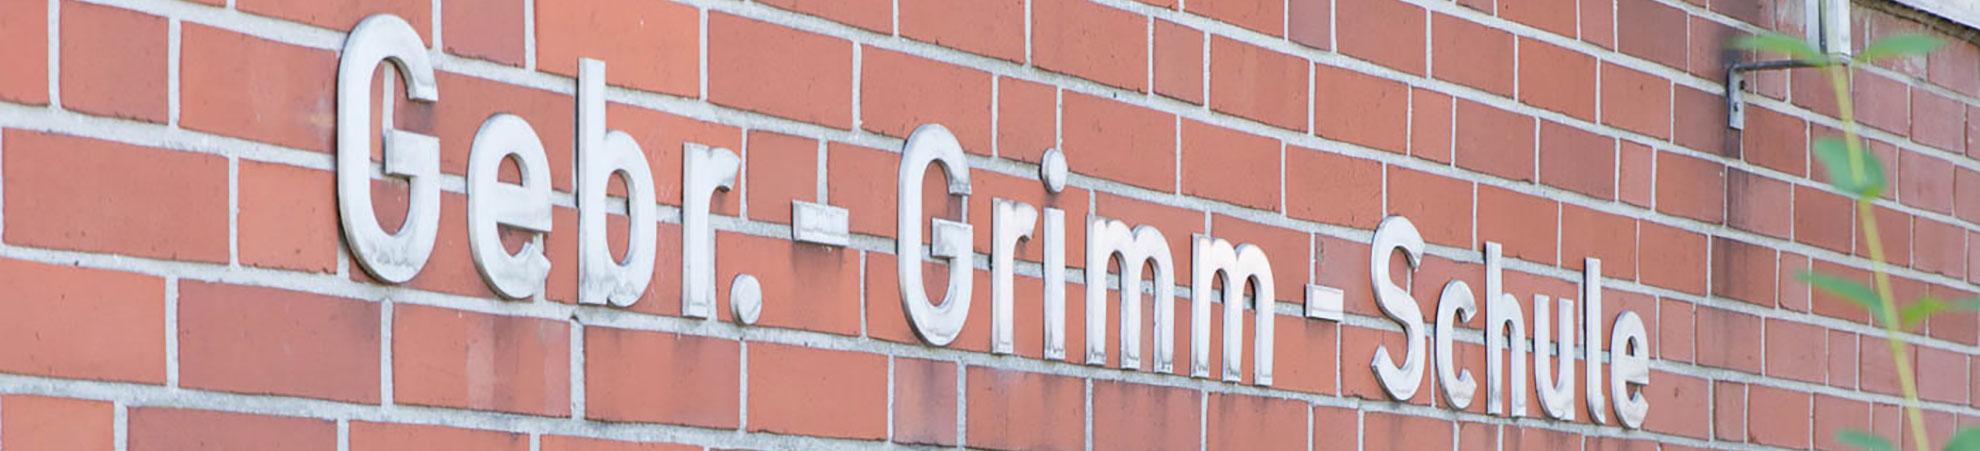 Aussenfassade mit Schriftzug der Gebr.-Grimm-Schule in Hamm.